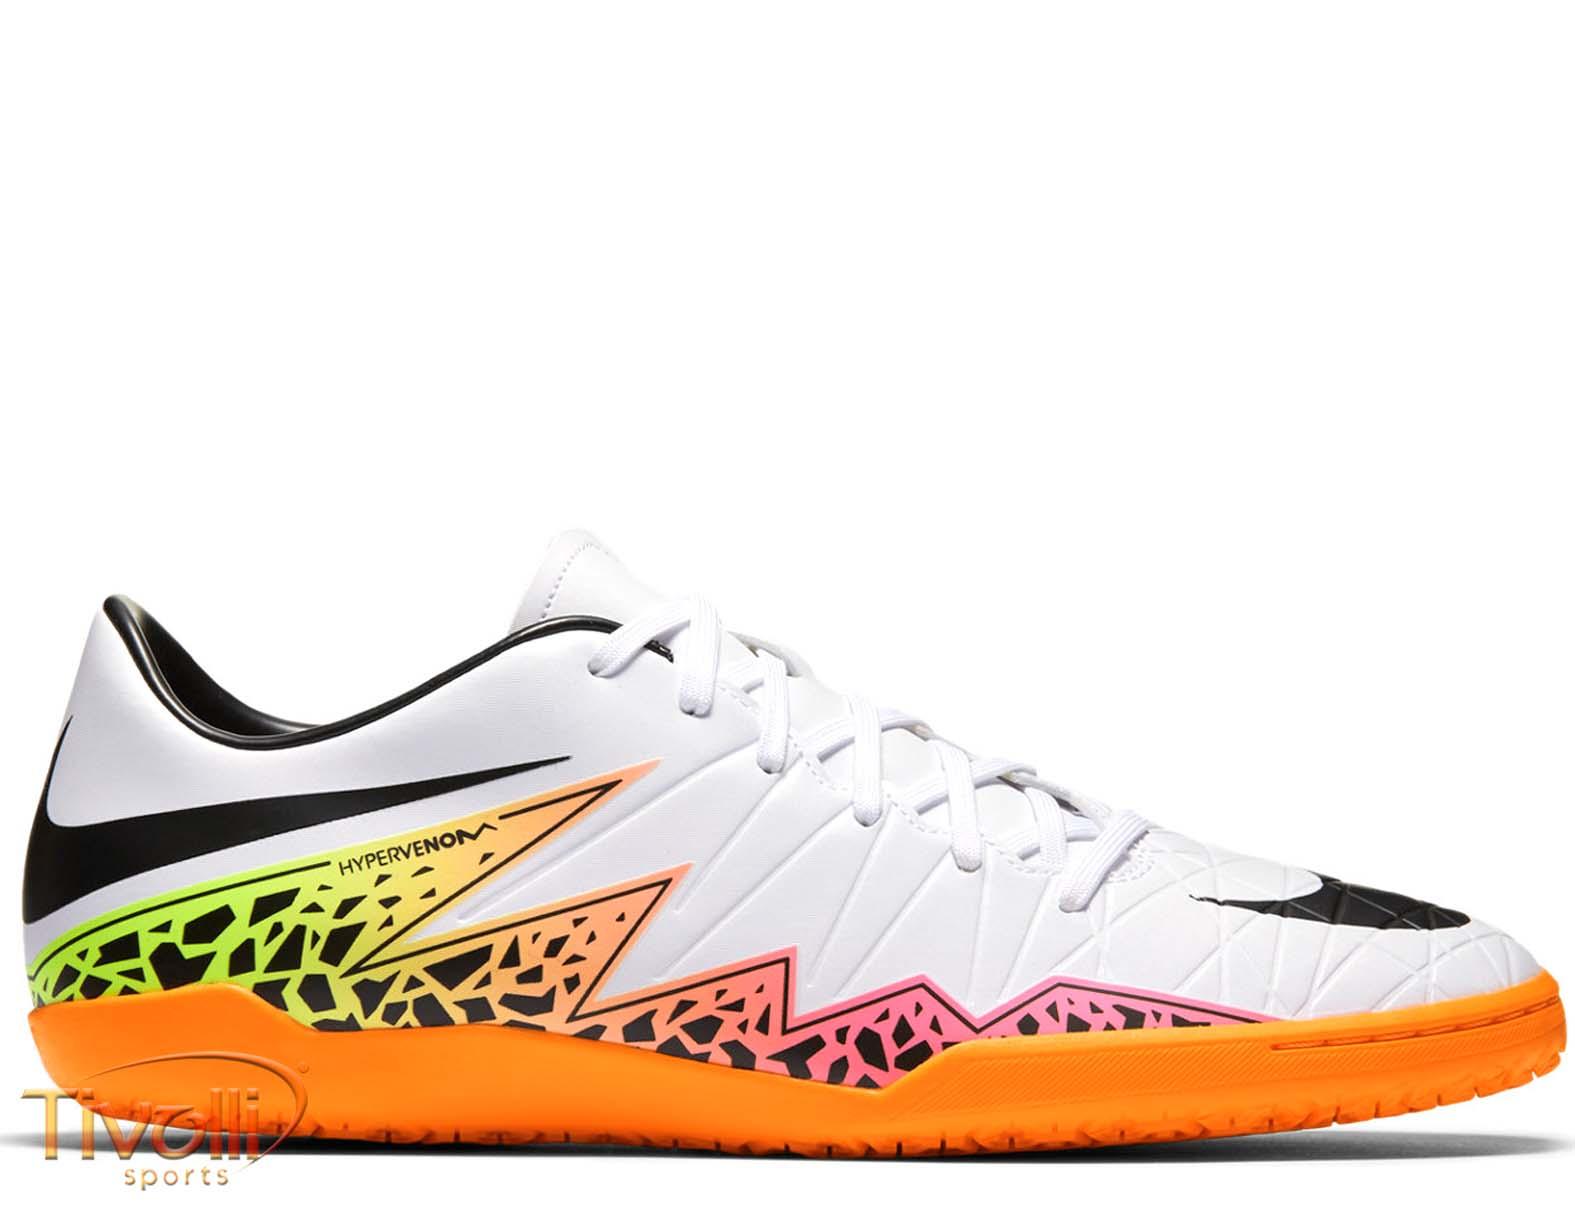 Chuteira Nike Hypervenom Phelon II IC Futsal   - Mega Saldão   b3a85e0668734